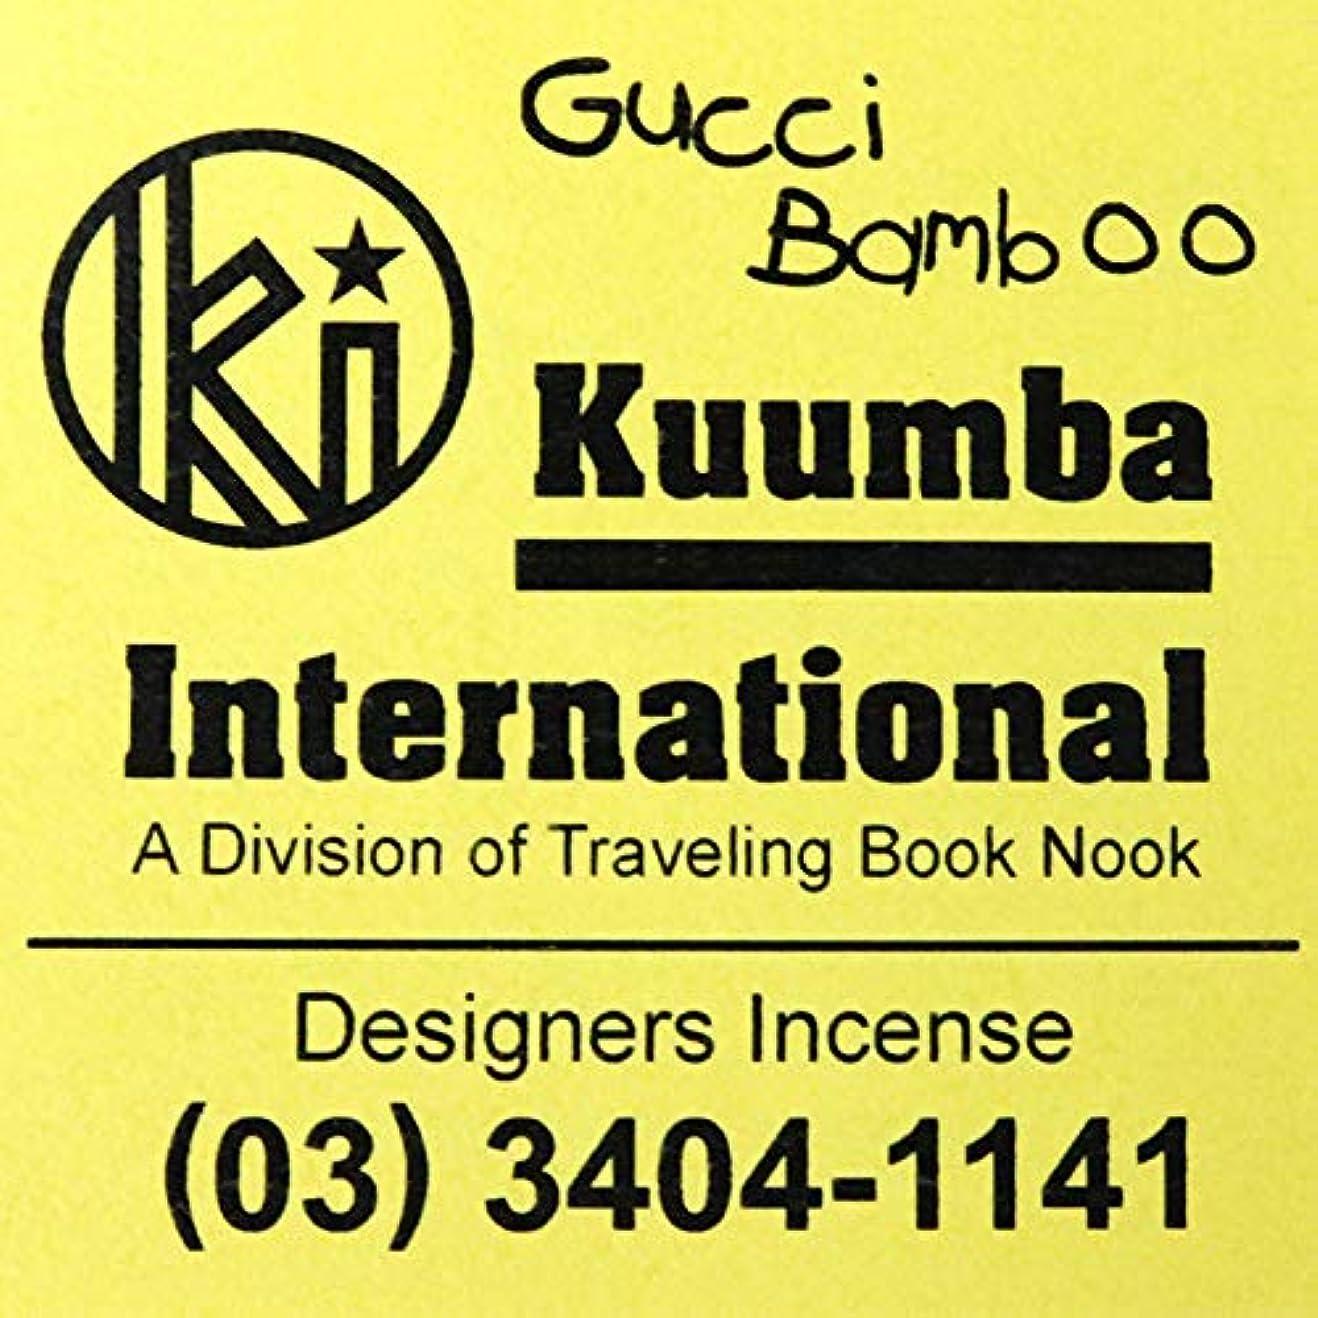 クラブすぐに足首KUUMBA (クンバ)『incense』(GUCCI BAMBOO) (GUCCI BAMBOO, Regular size)